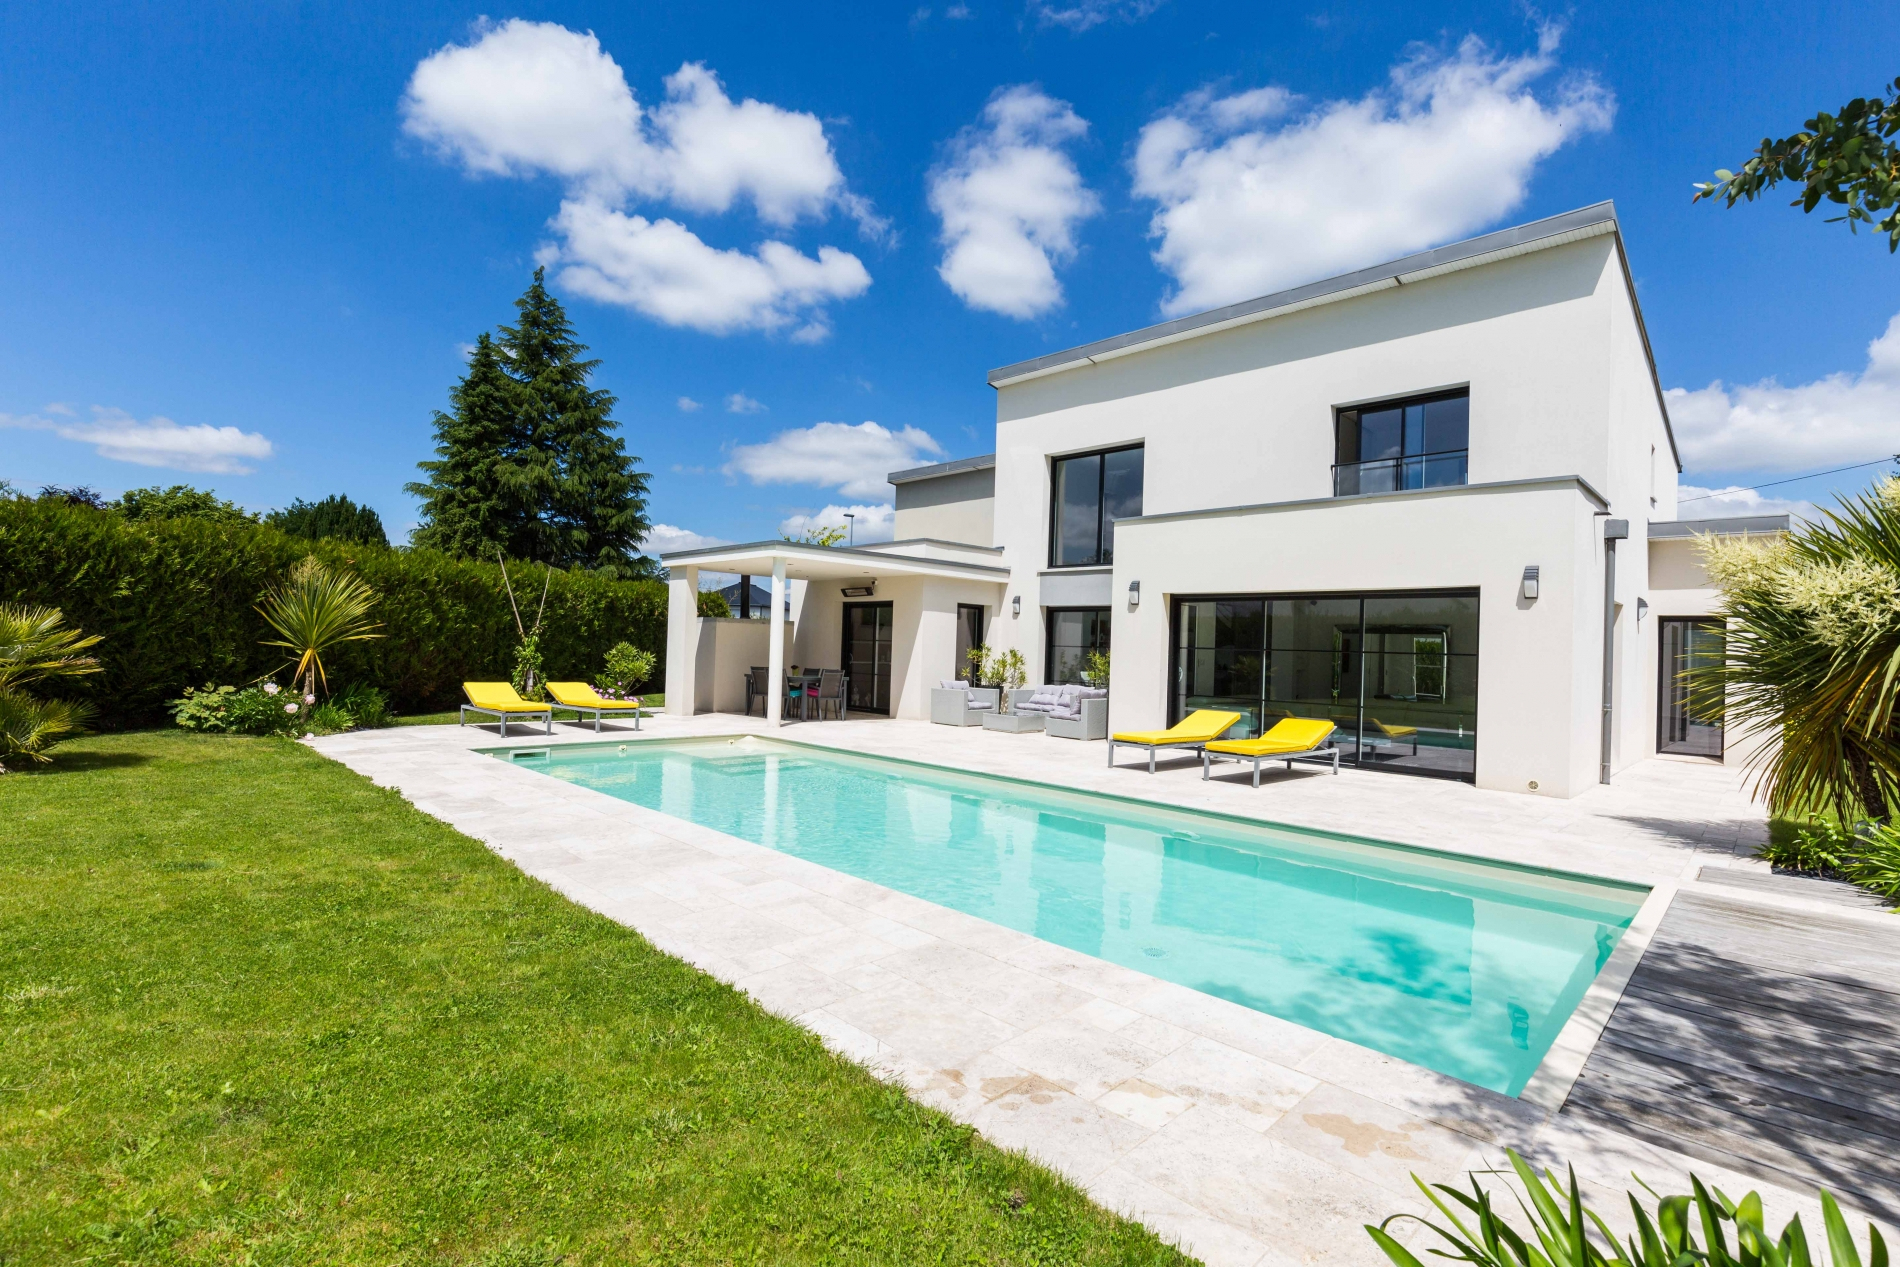 Maison Architecte Cesson Sevigne 190 M2, 5 Chambres | Blot ... avec Piscine Cesson Sevigne